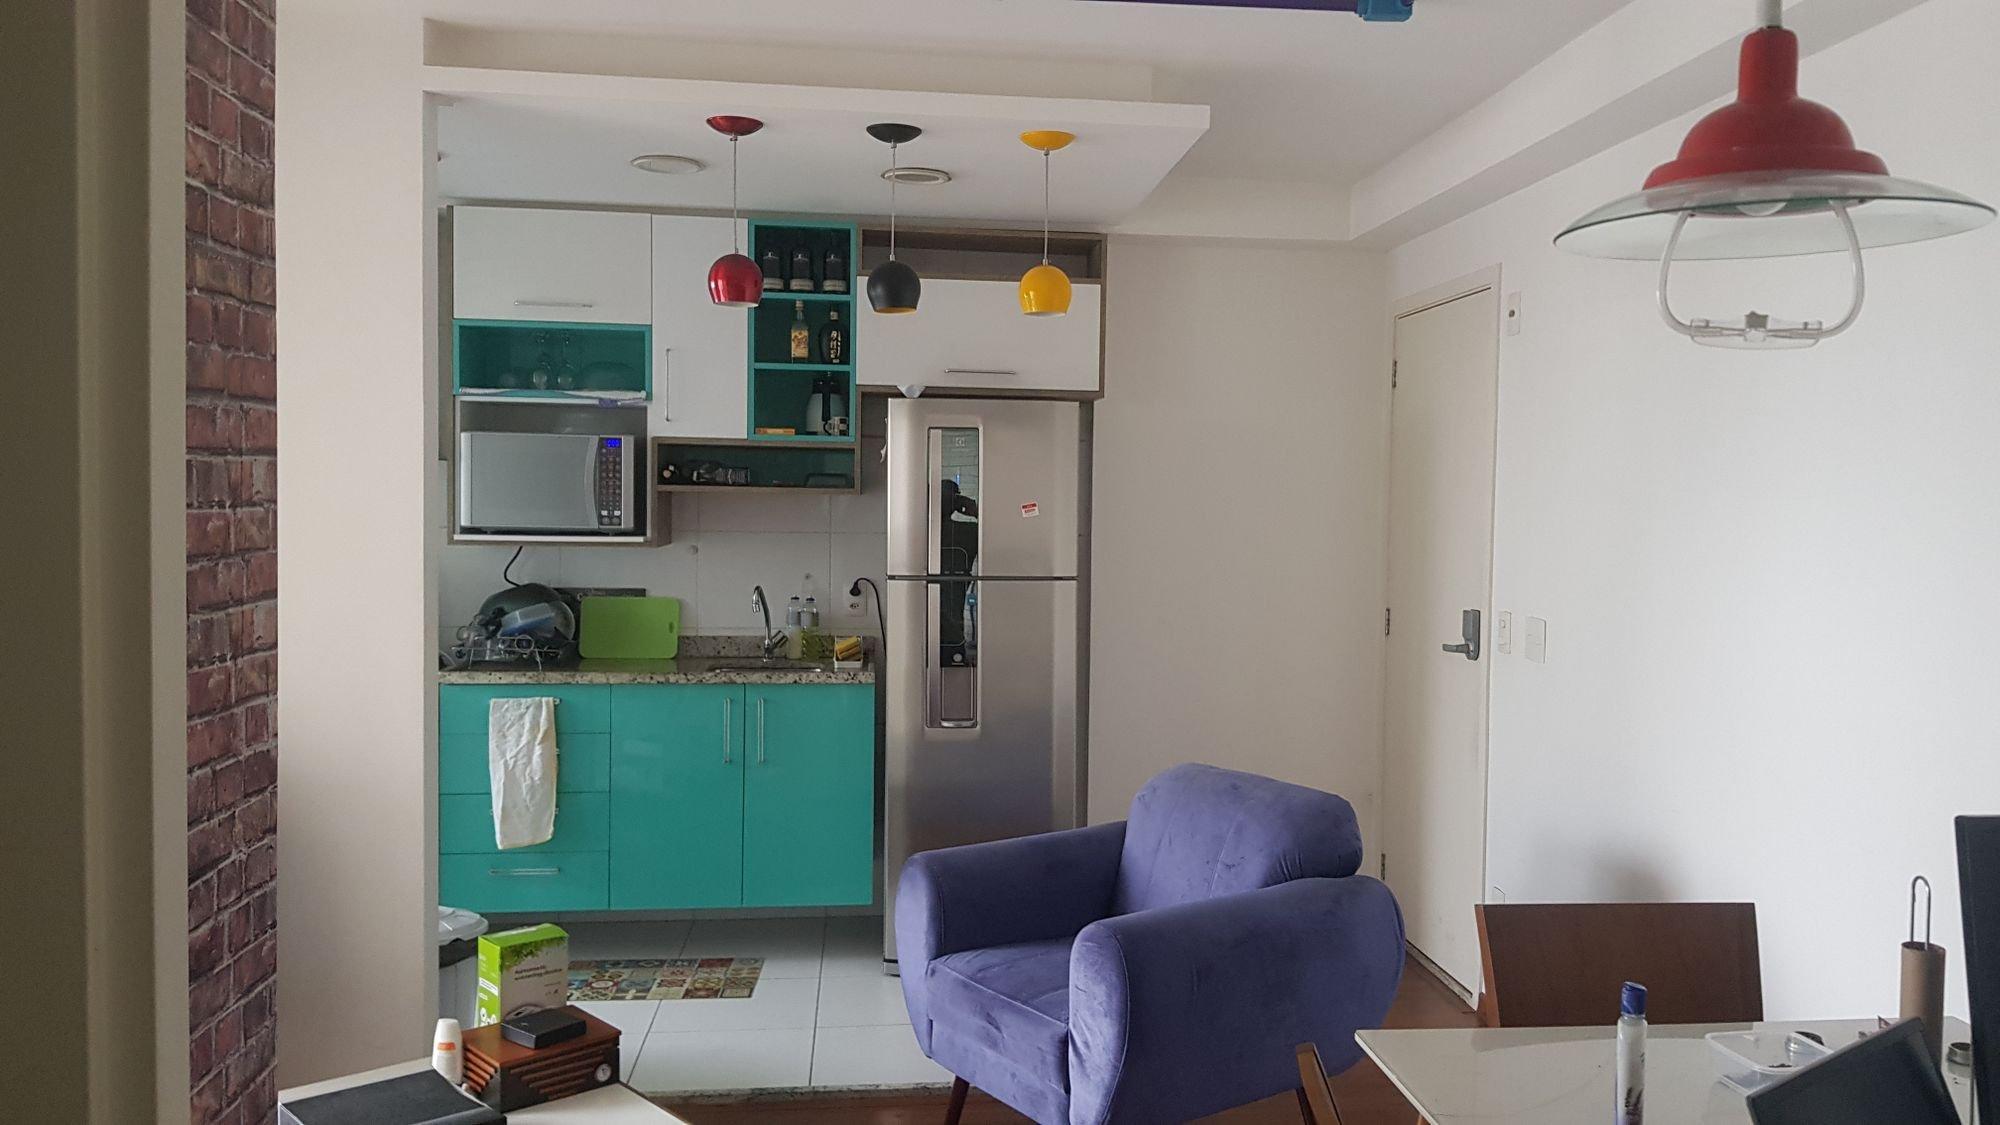 Foto de Cozinha com garrafa, computador portátil, geladeira, cadeira, microondas